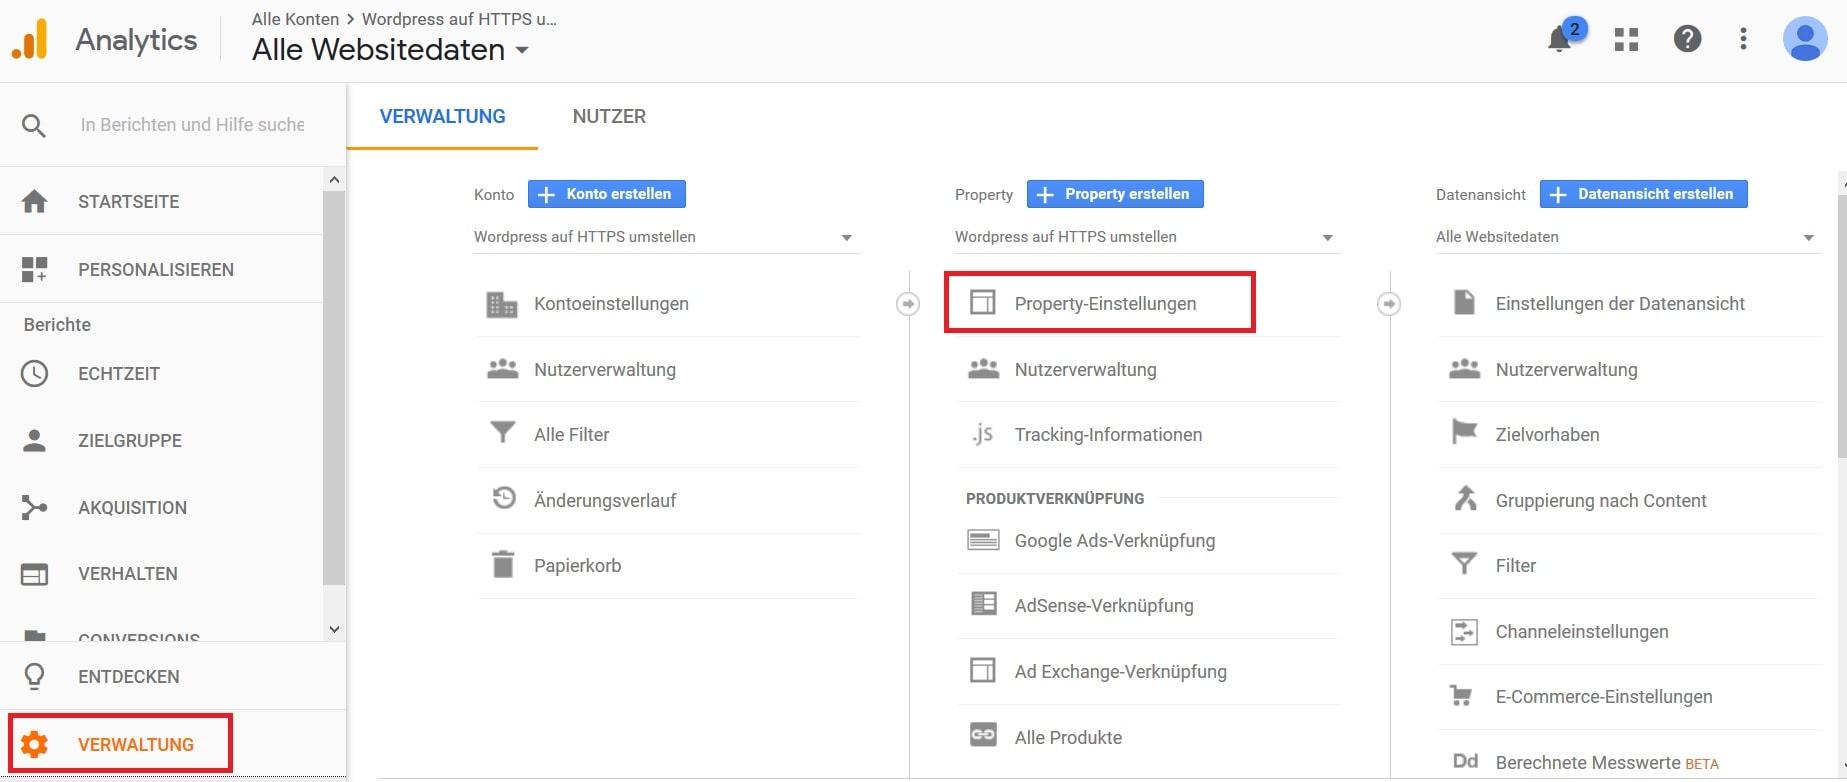 Wordpress auf HTTPS umstellen - Google Analytics anpassen Schritt 1